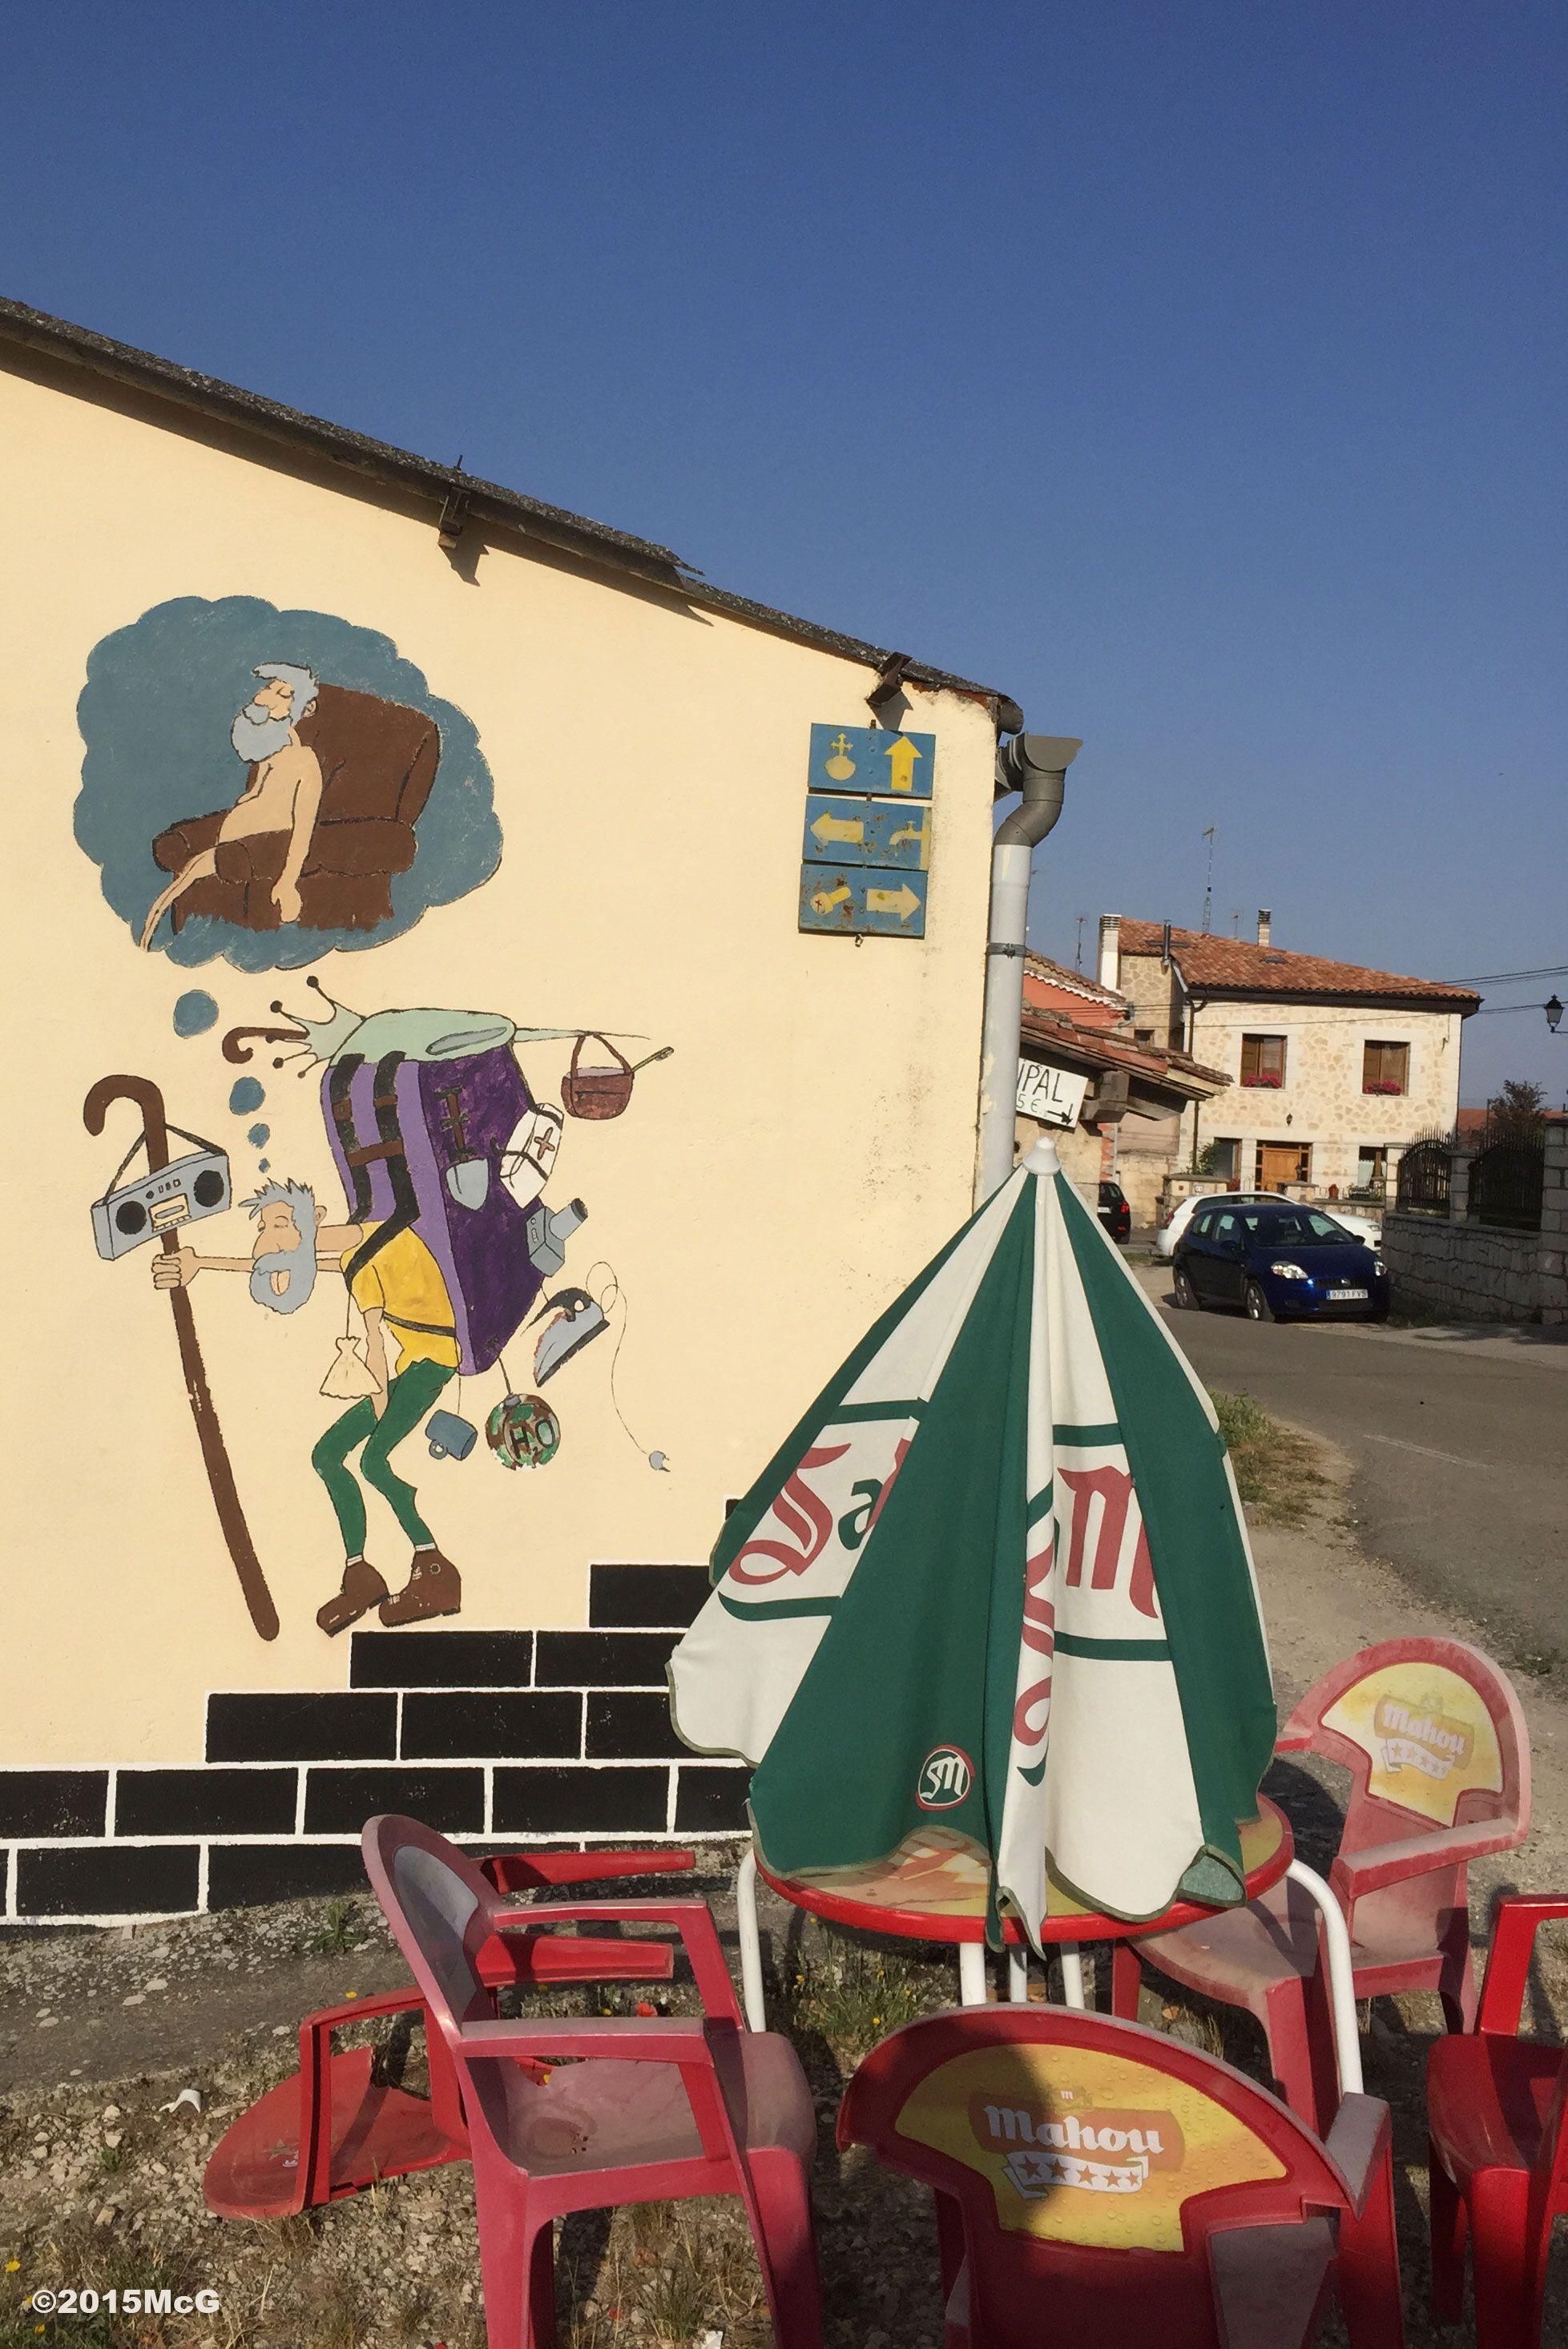 Drawing in Cardenuela Riopico #Camino 2015 july McG